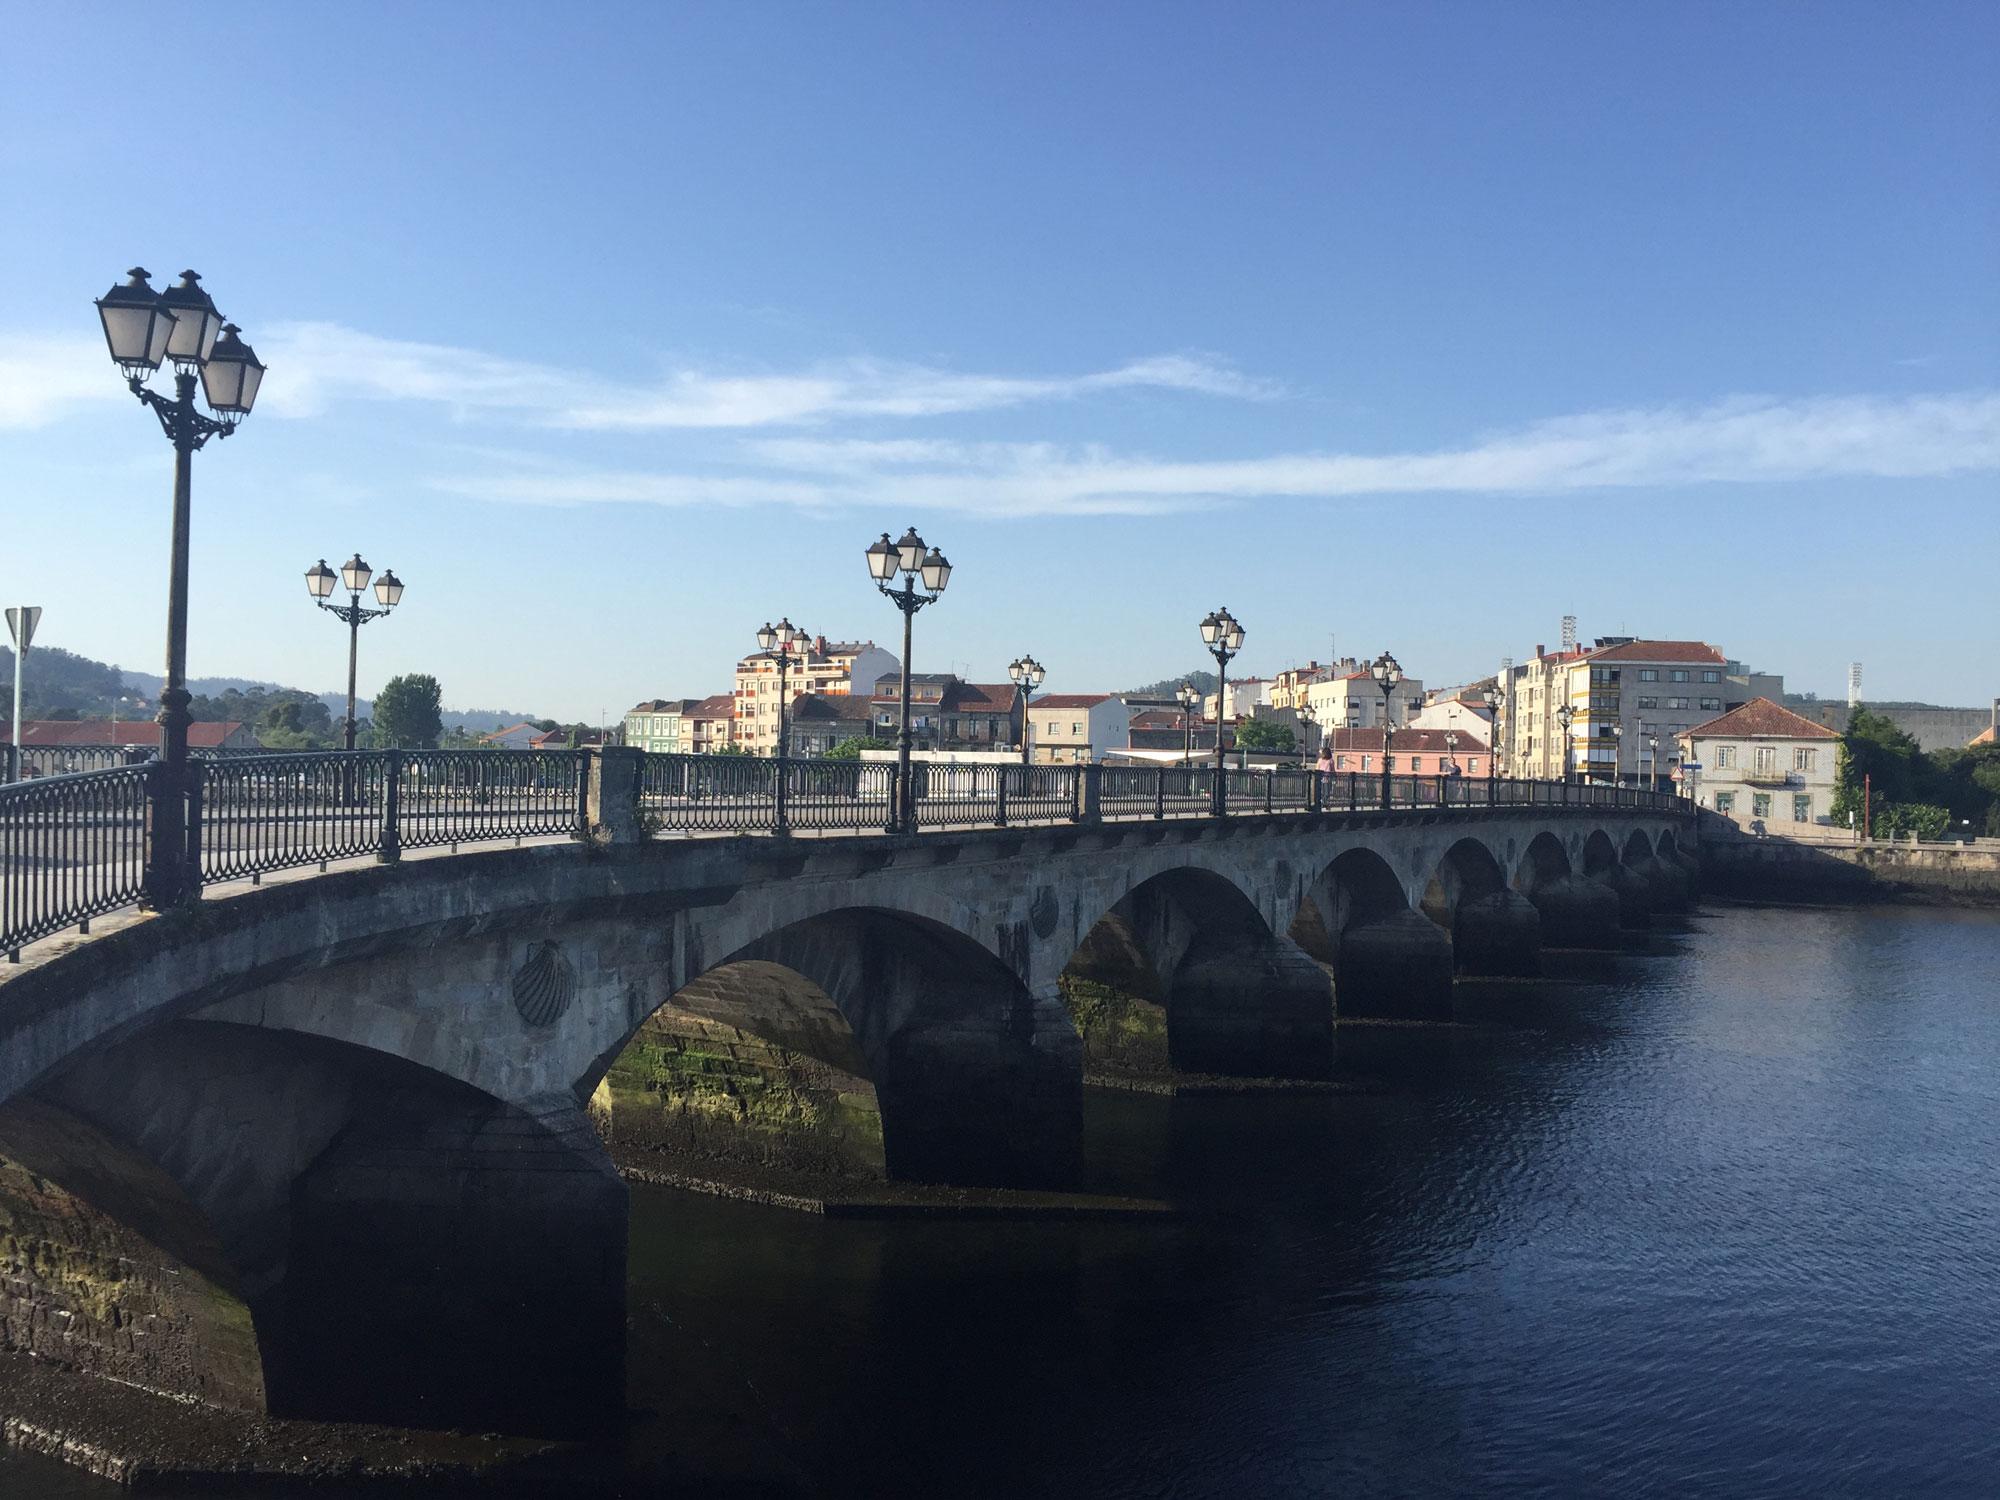 Pontevedra auf dem gemeinsamen Abschnitt des Camino portugues